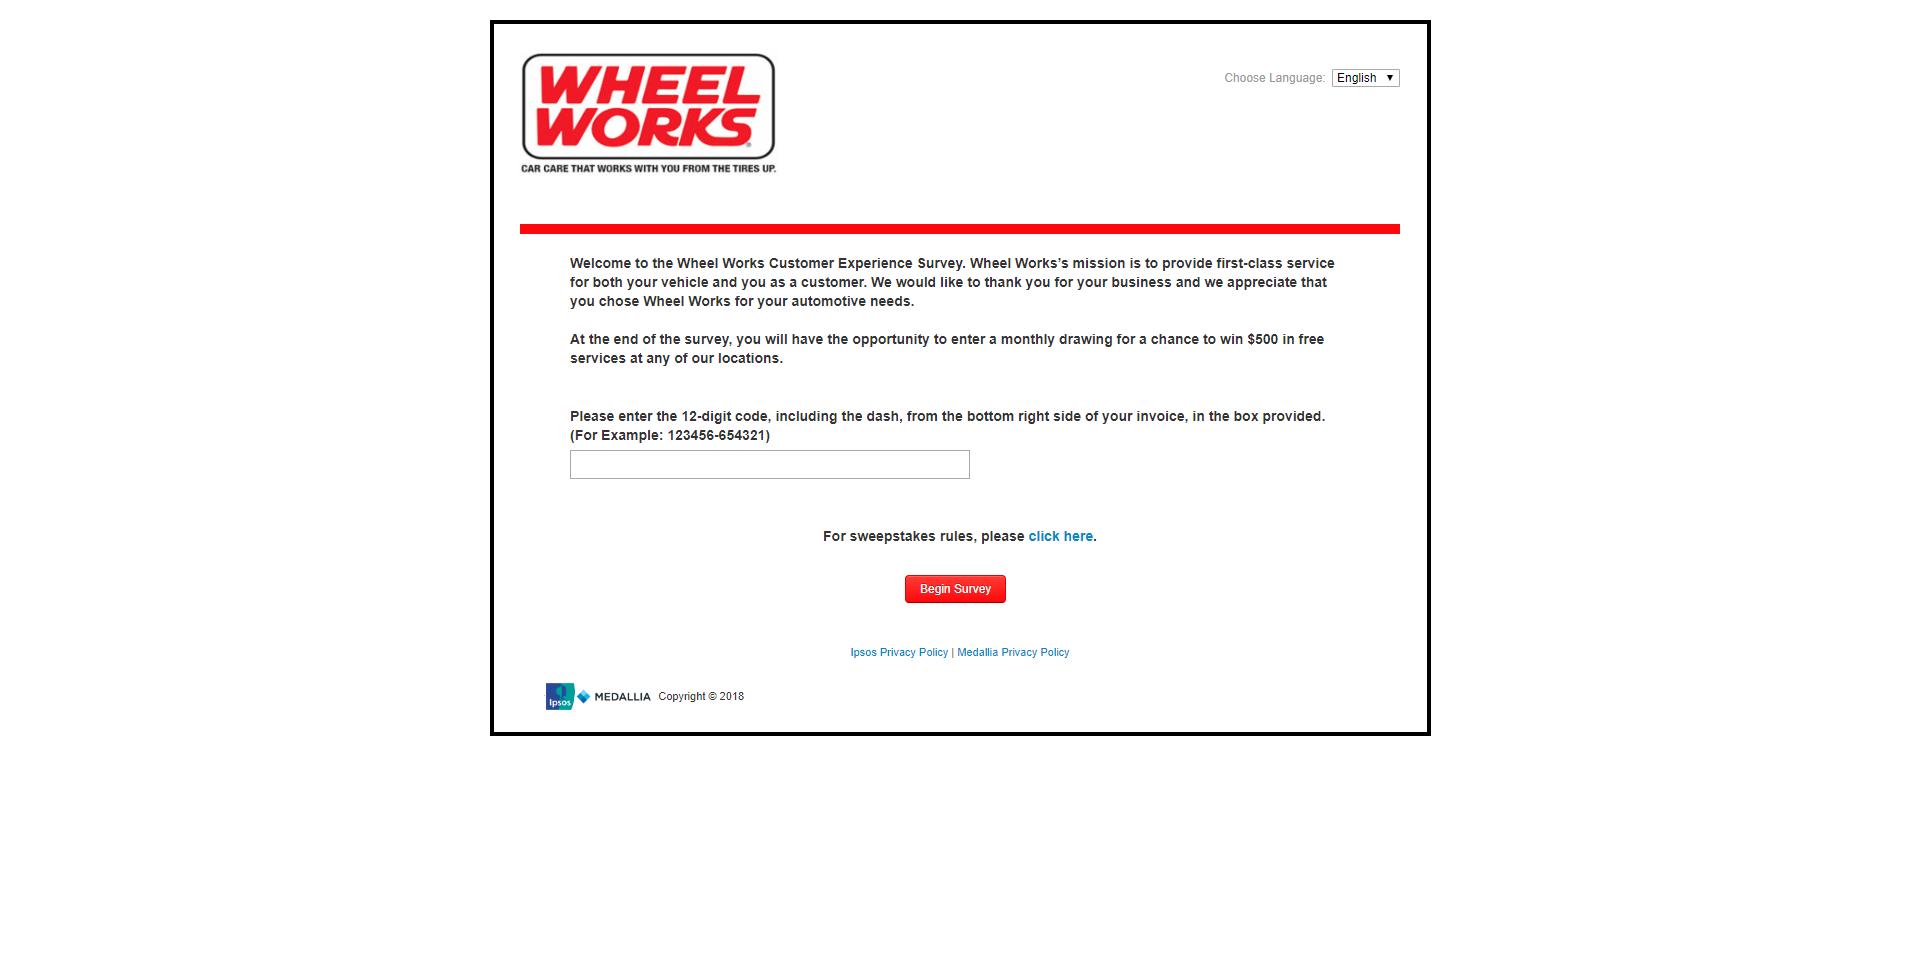 survey.medallia.com/?WheelWorks&brand=2